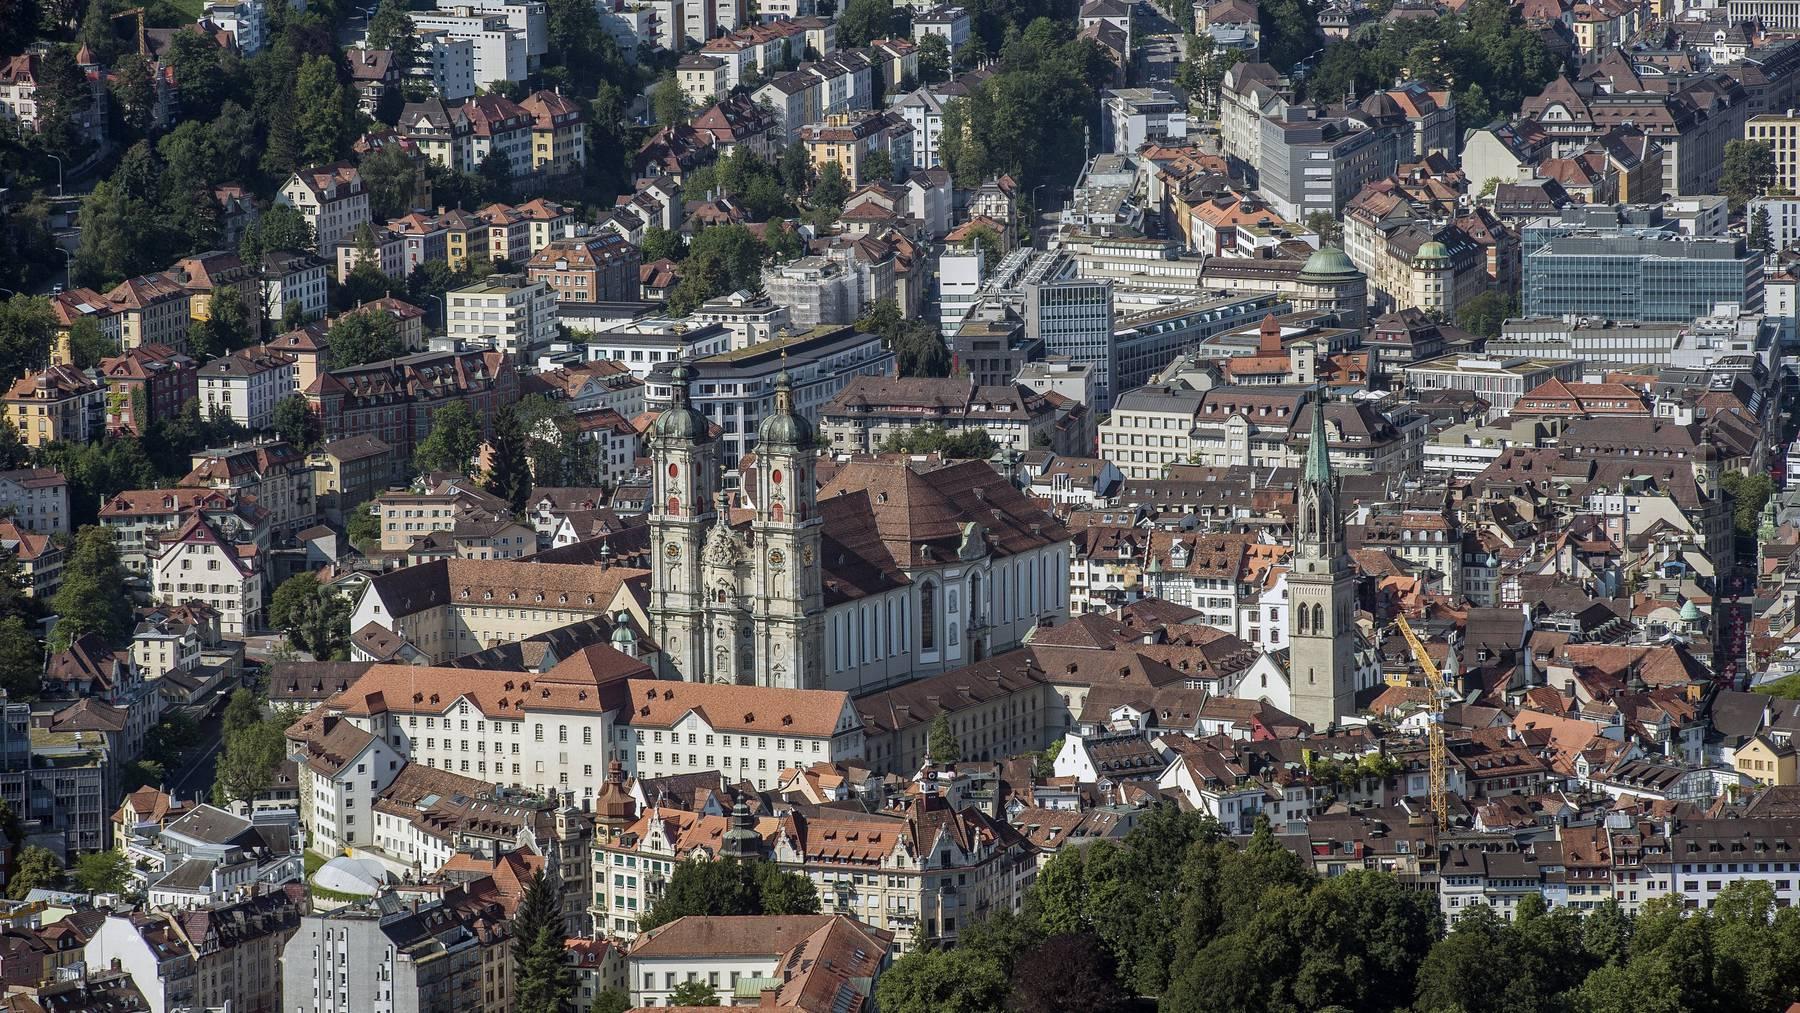 Blick aus der Luft auf die Stadt St. Gallen.